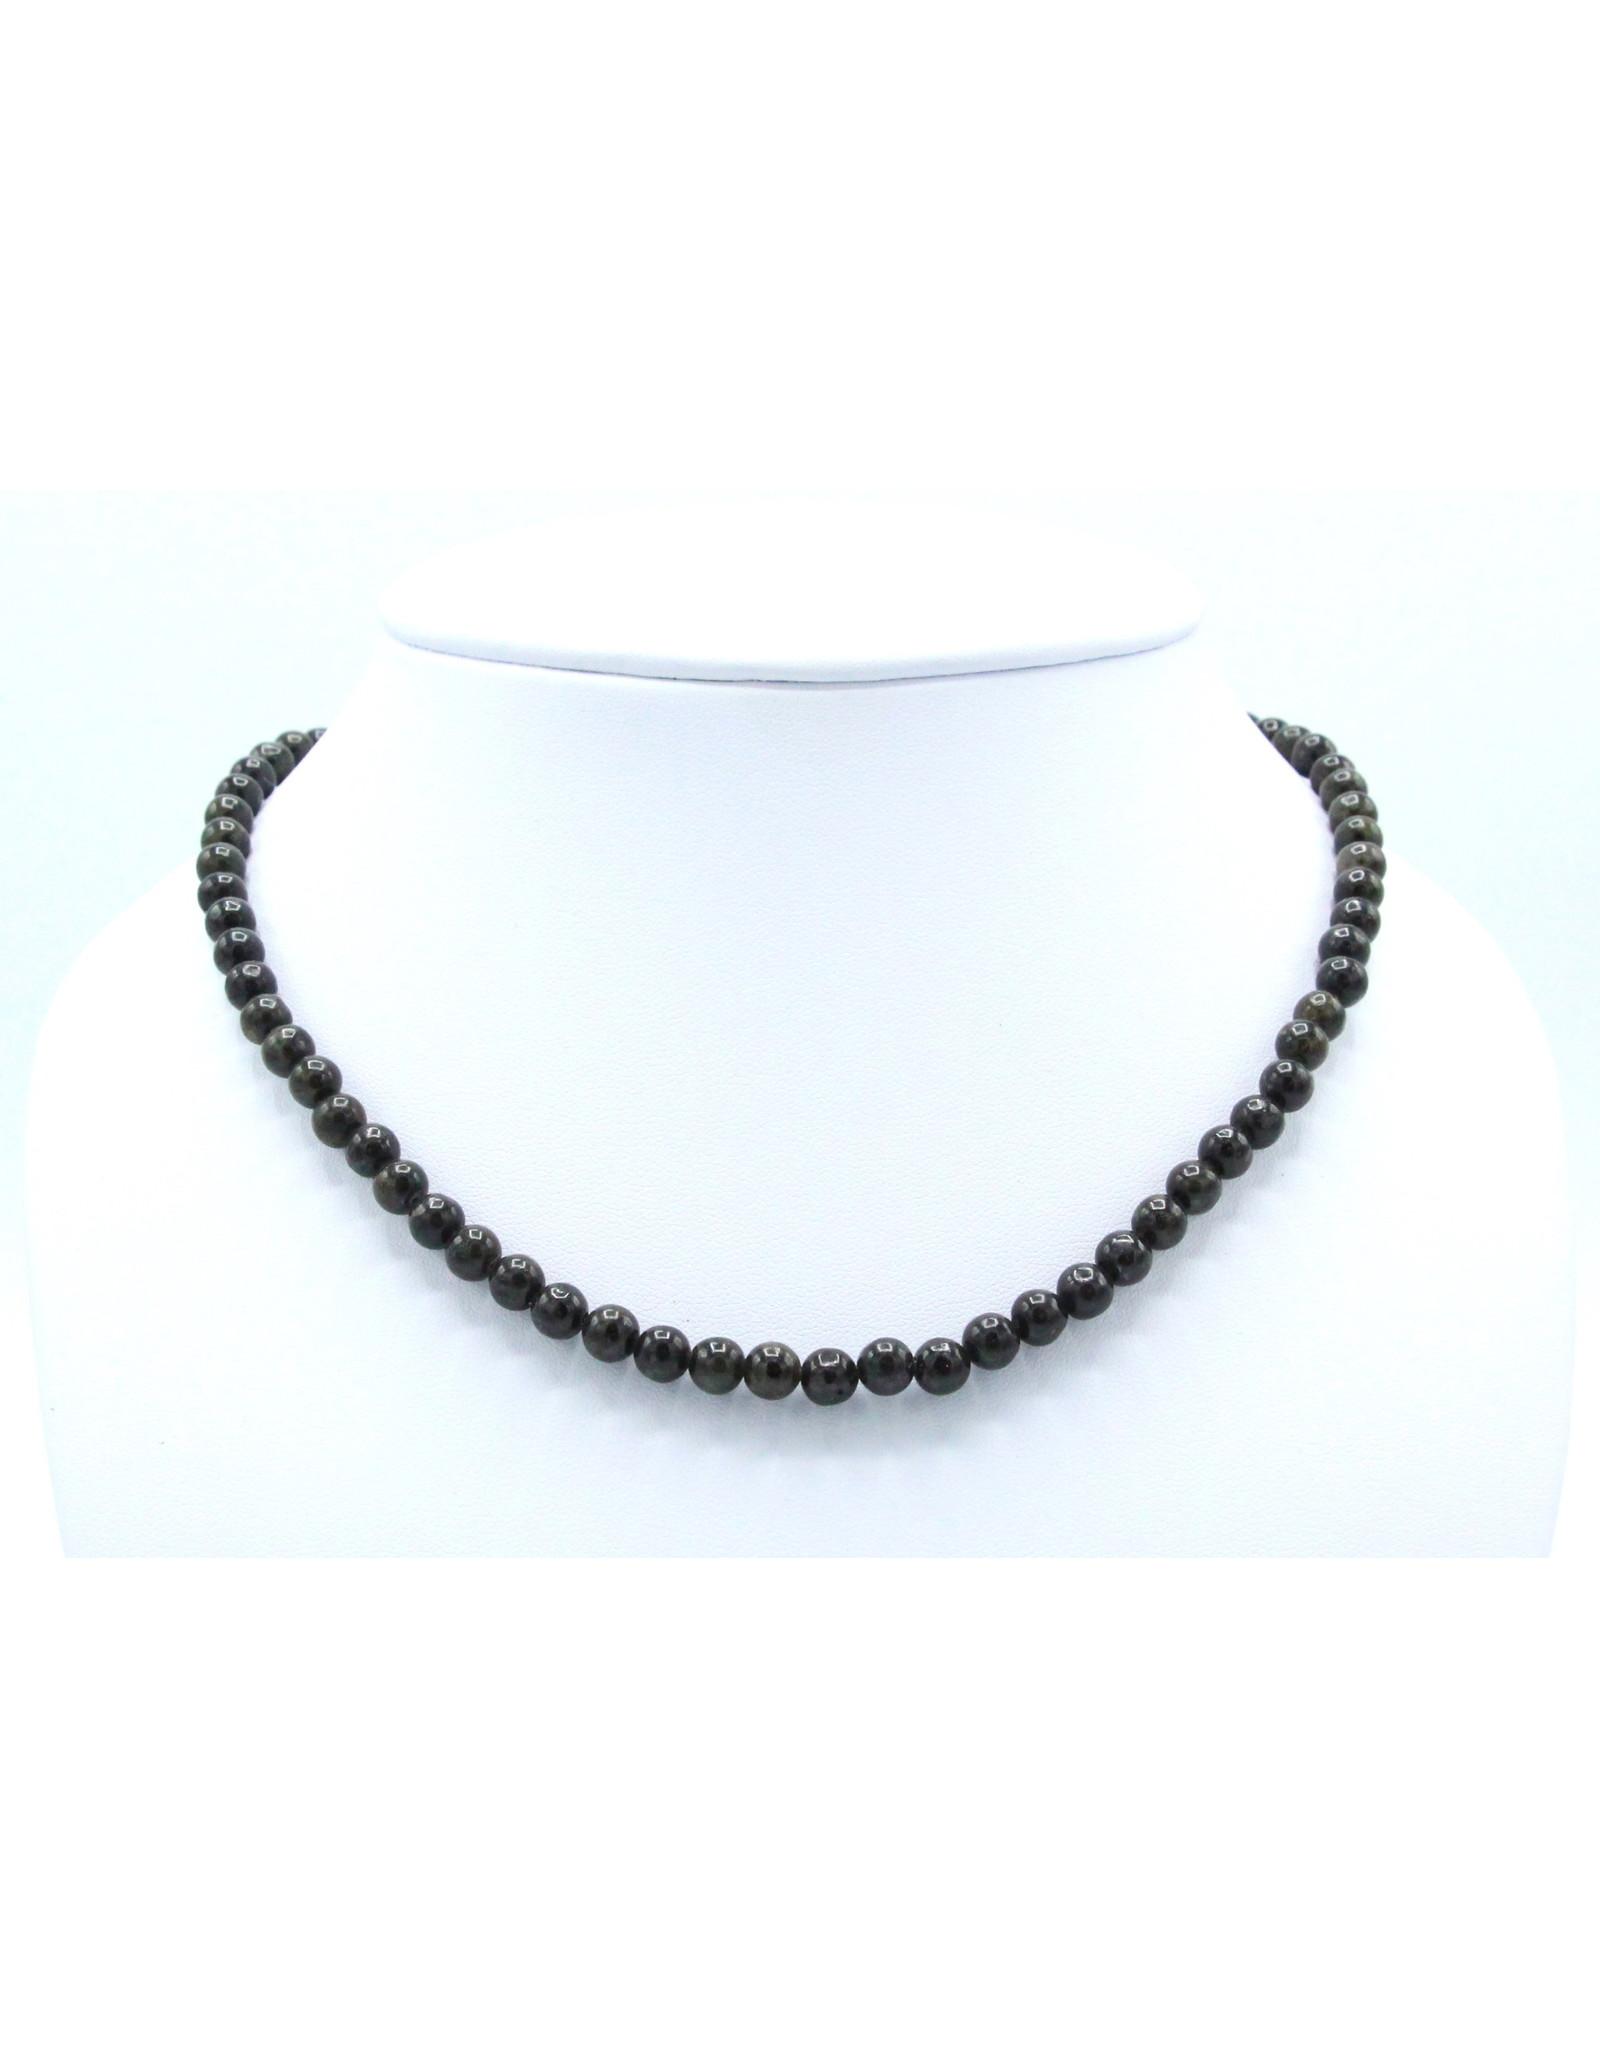 Granit Noir Necklace- NGN01